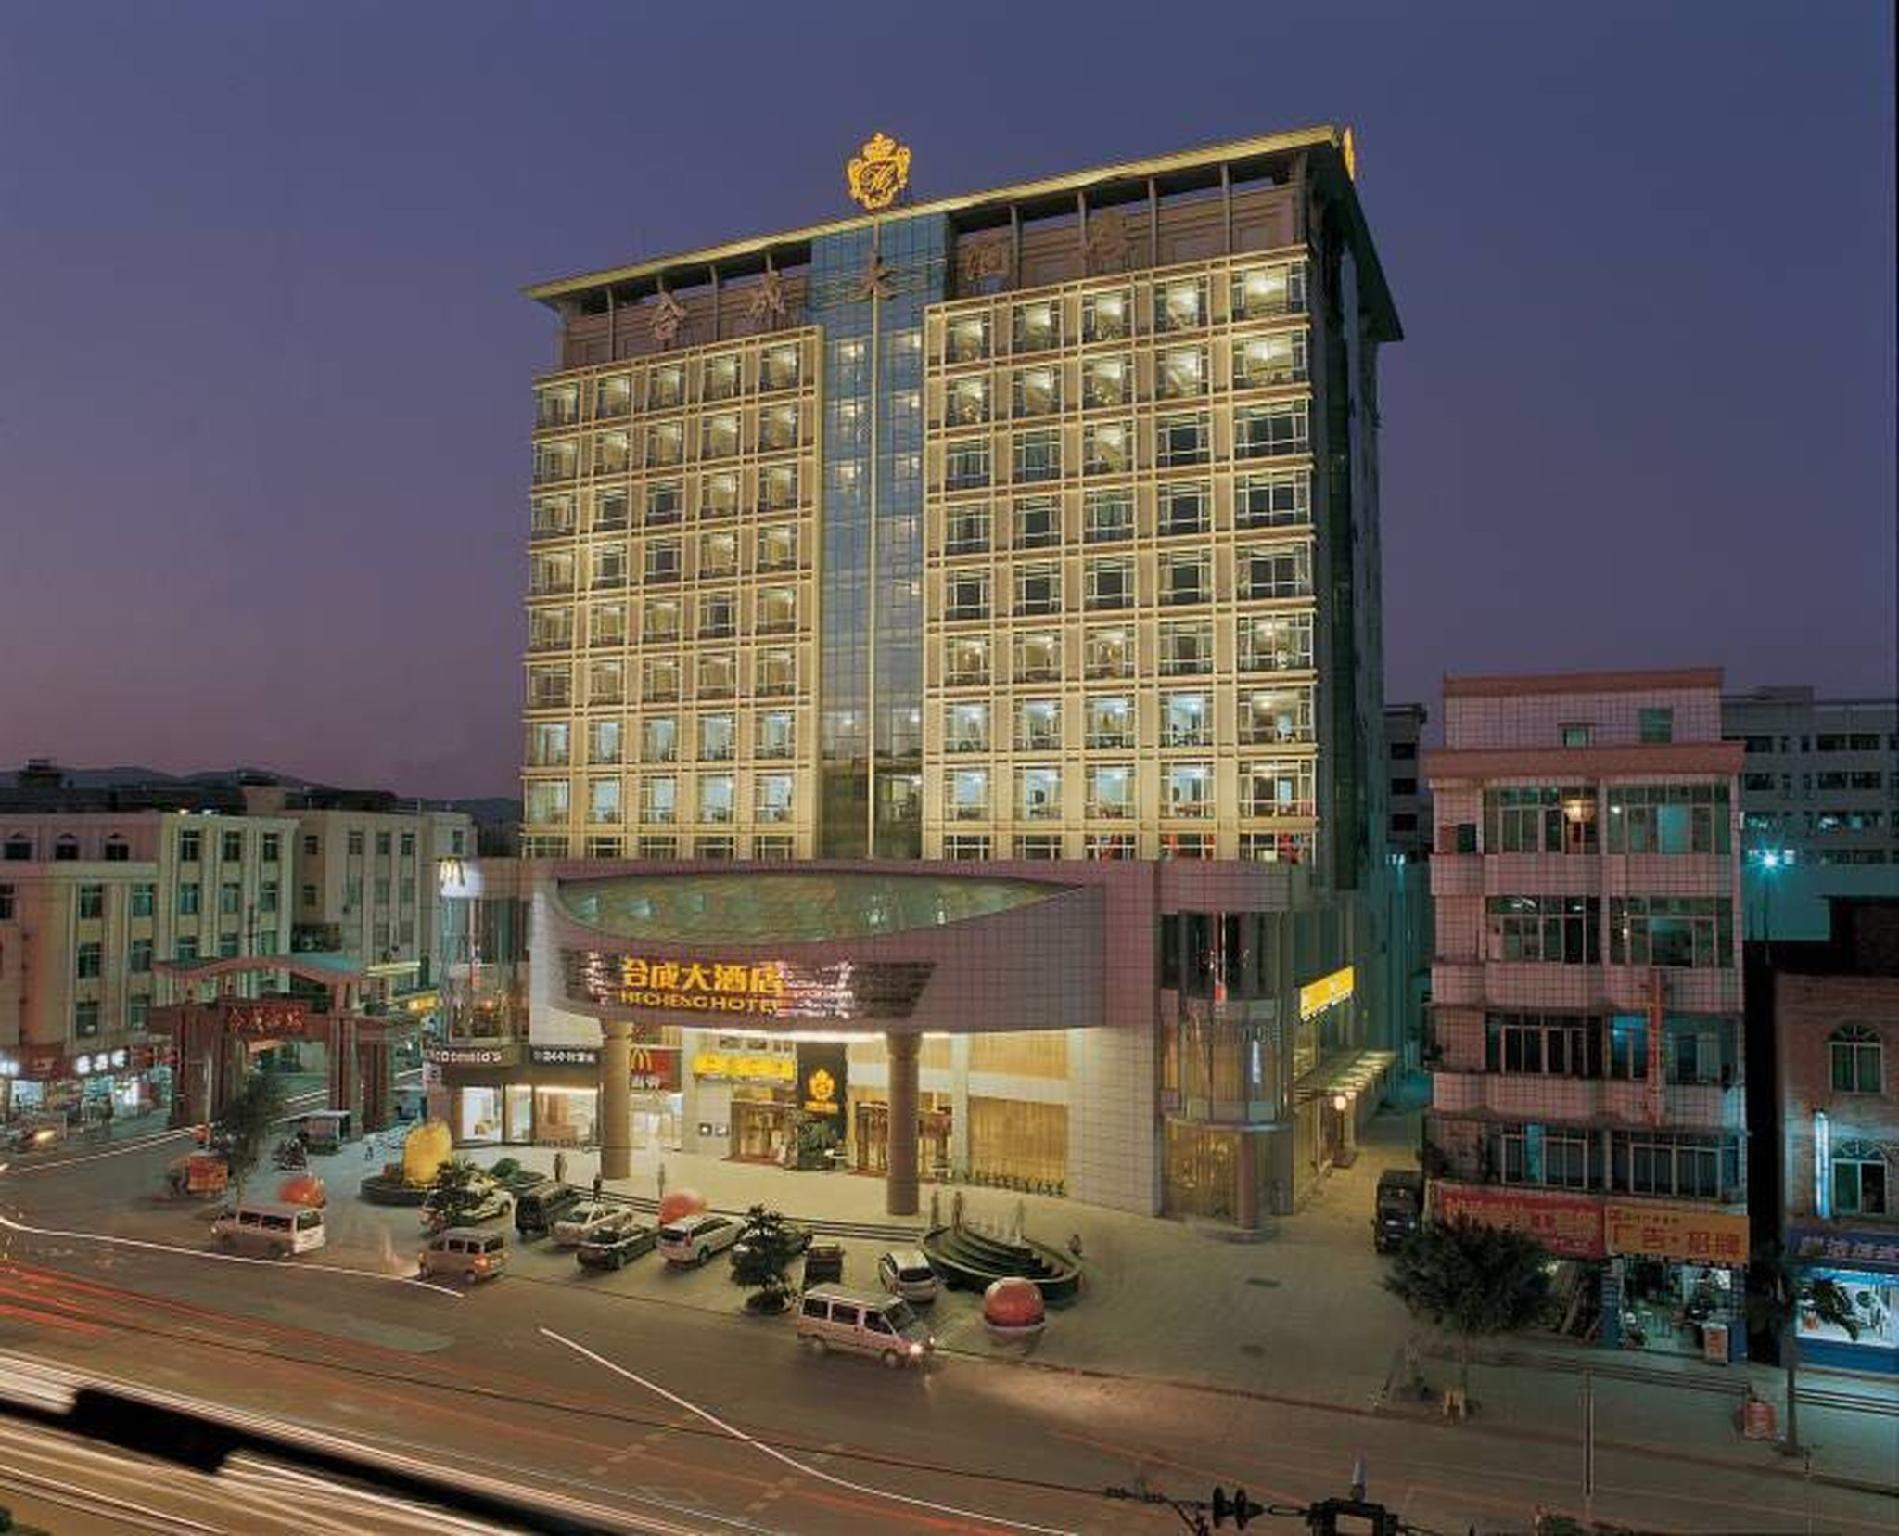 Hecheng Hotel